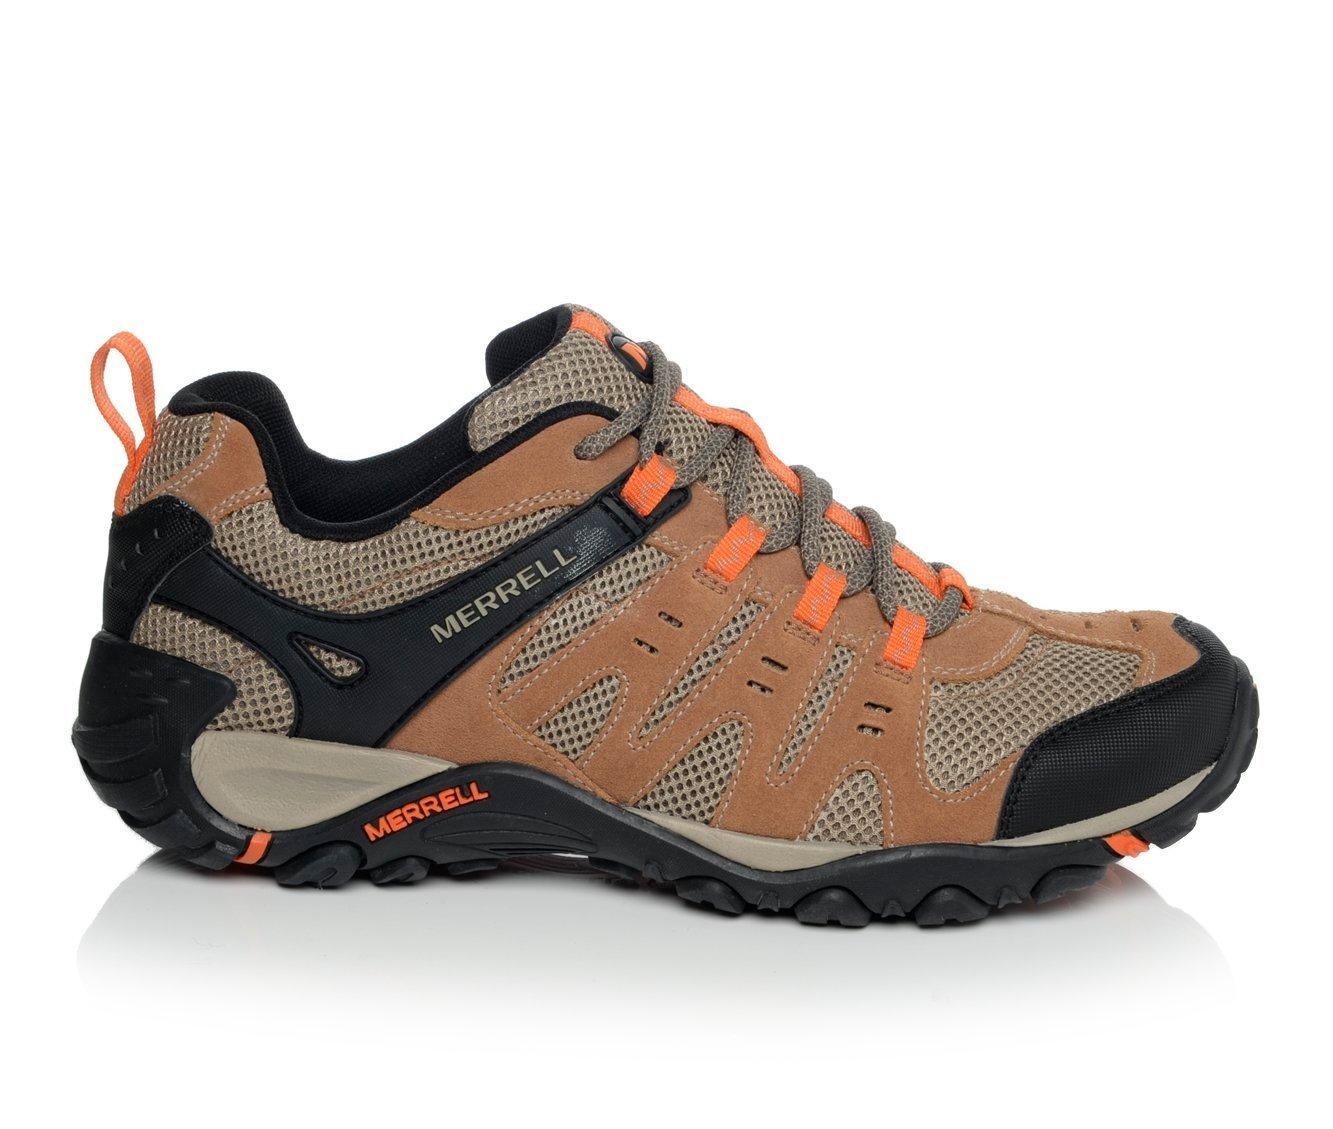 Merrell Men's Intercept shoes smooth black J73703 | eBay